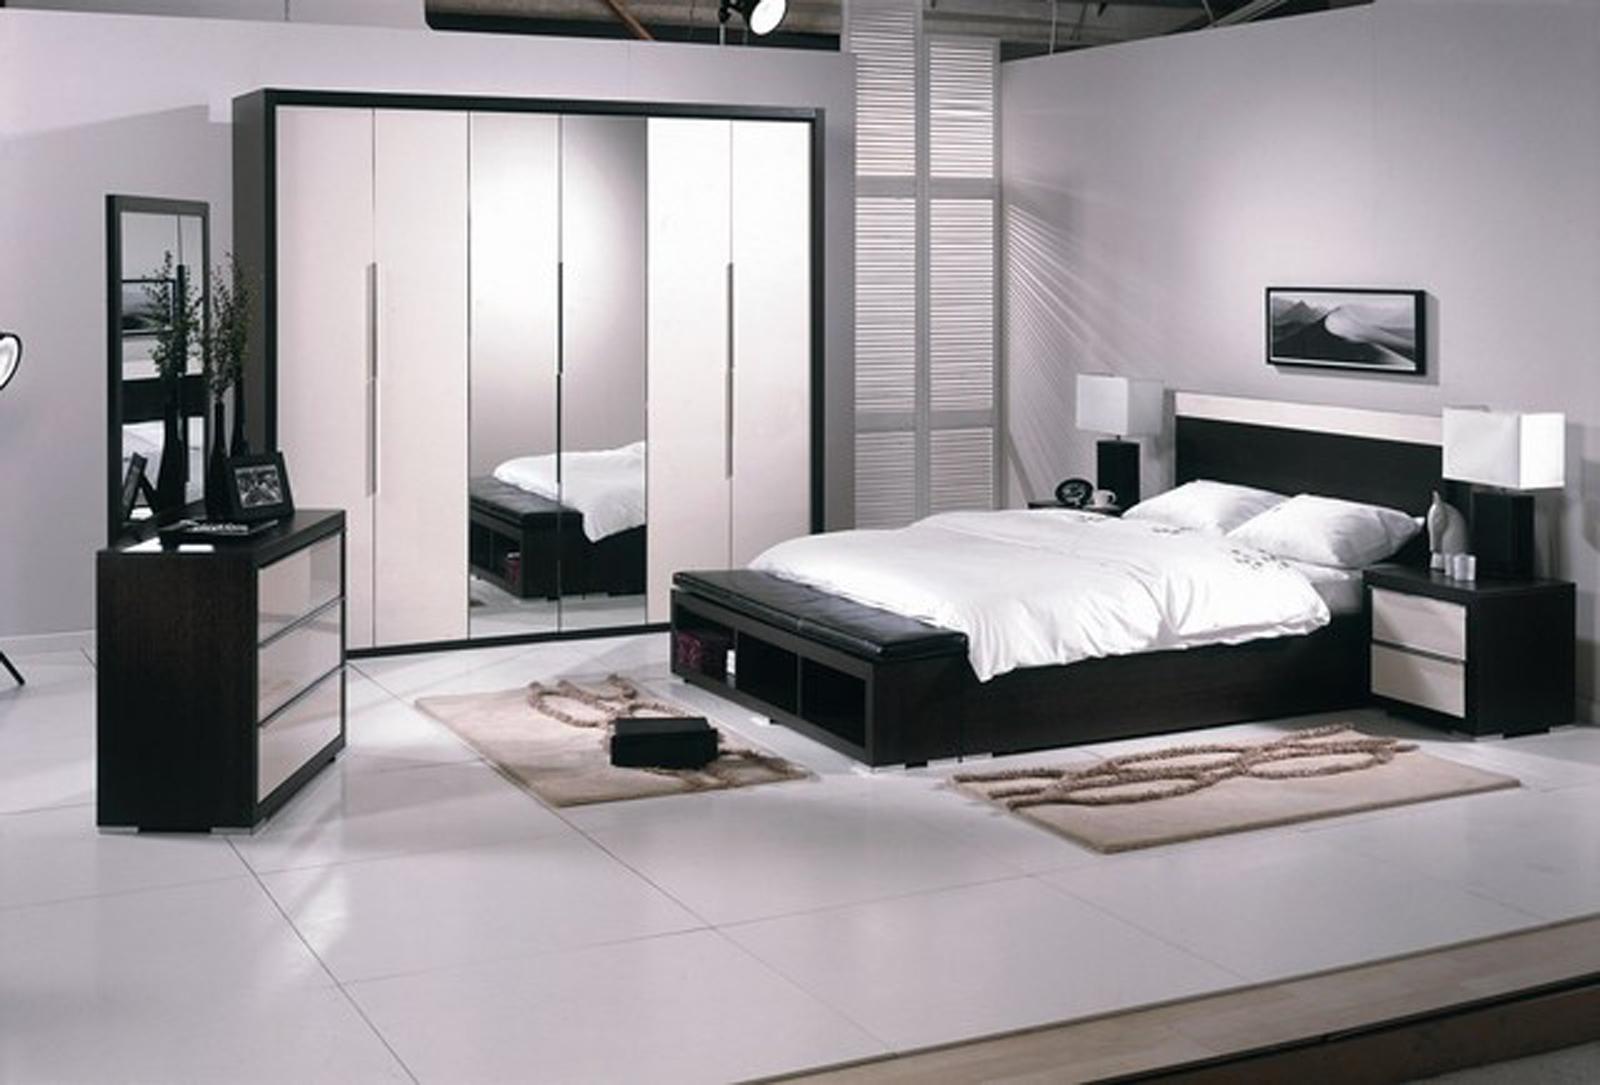 صورة اجمل غرف النوم , لمحبي التجديد اليك اجمل الاشكال العصريه لغرف النوم 6416 6